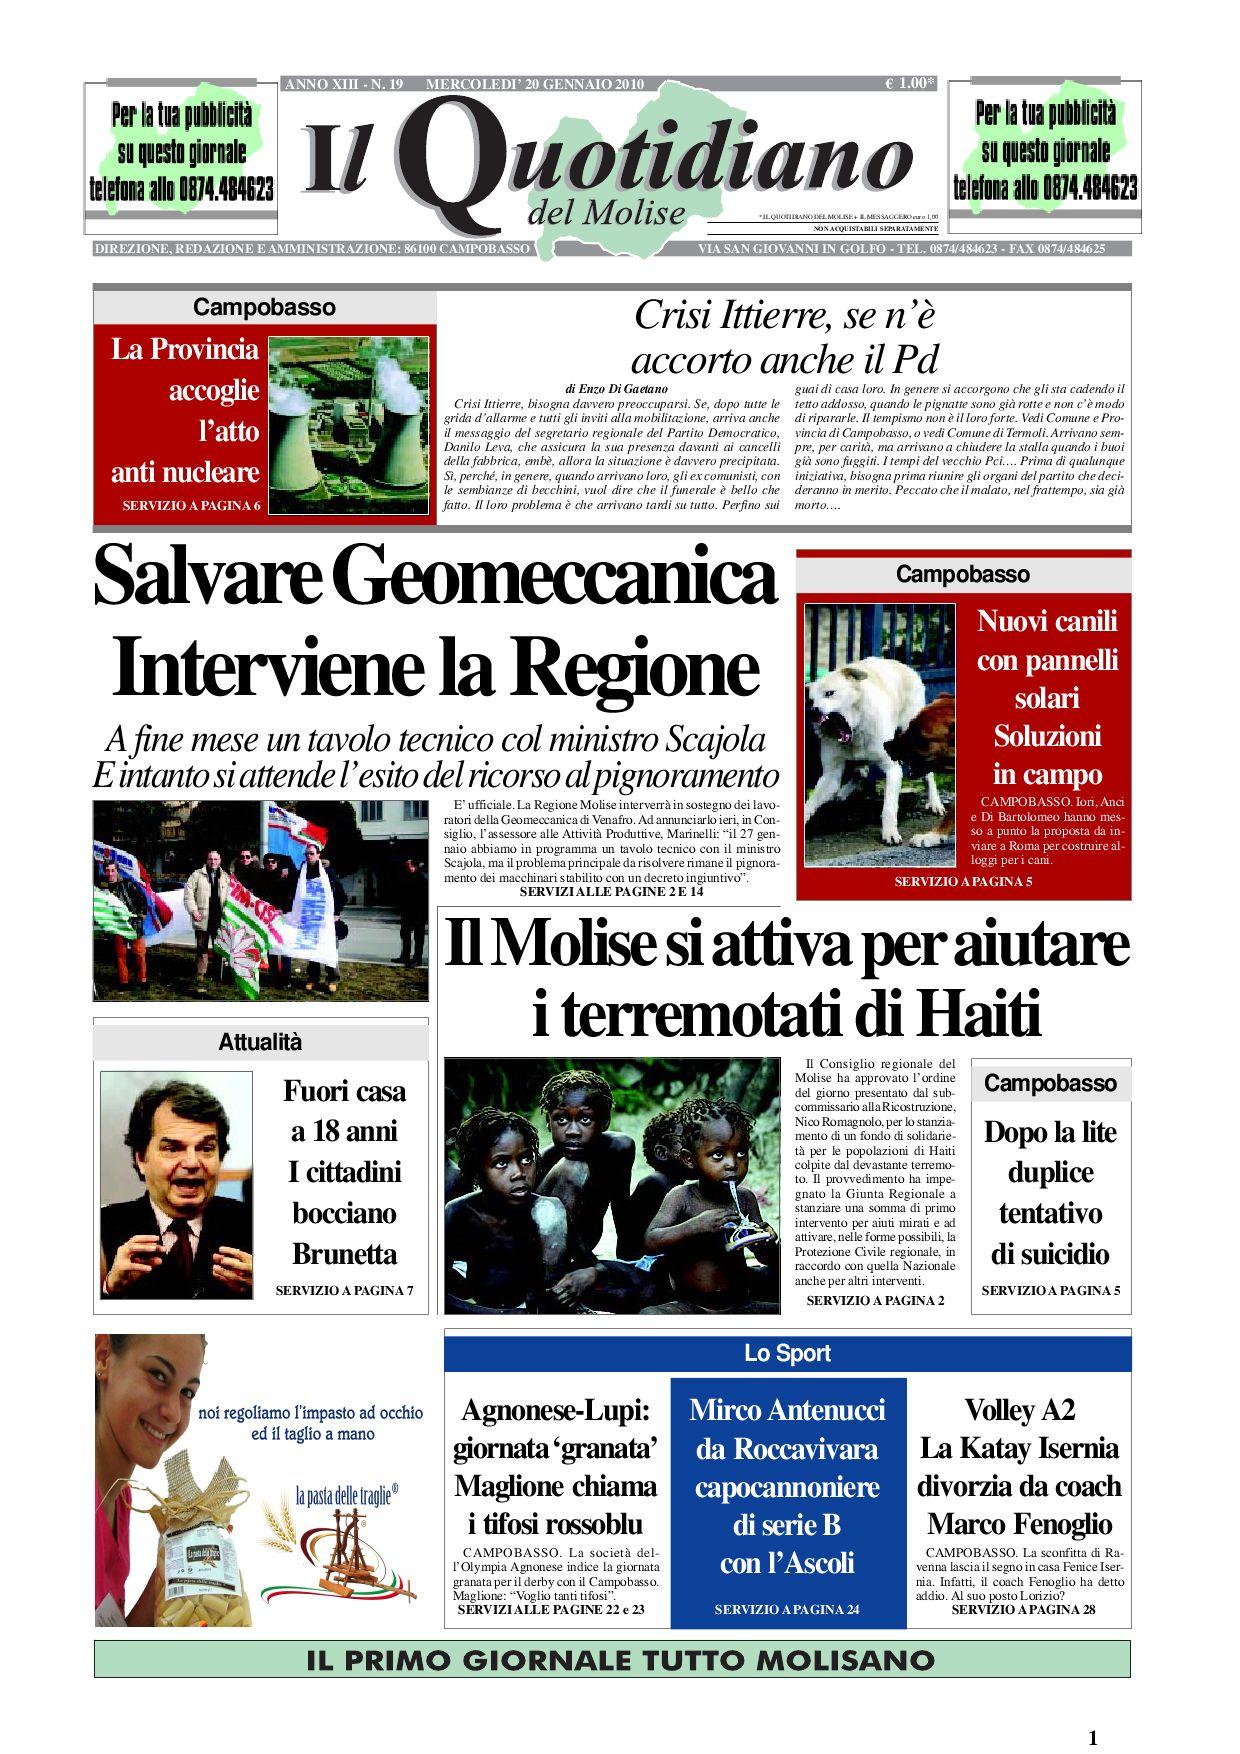 il quotidiano del molise by giovanni testa - issuu 658400ef4a4